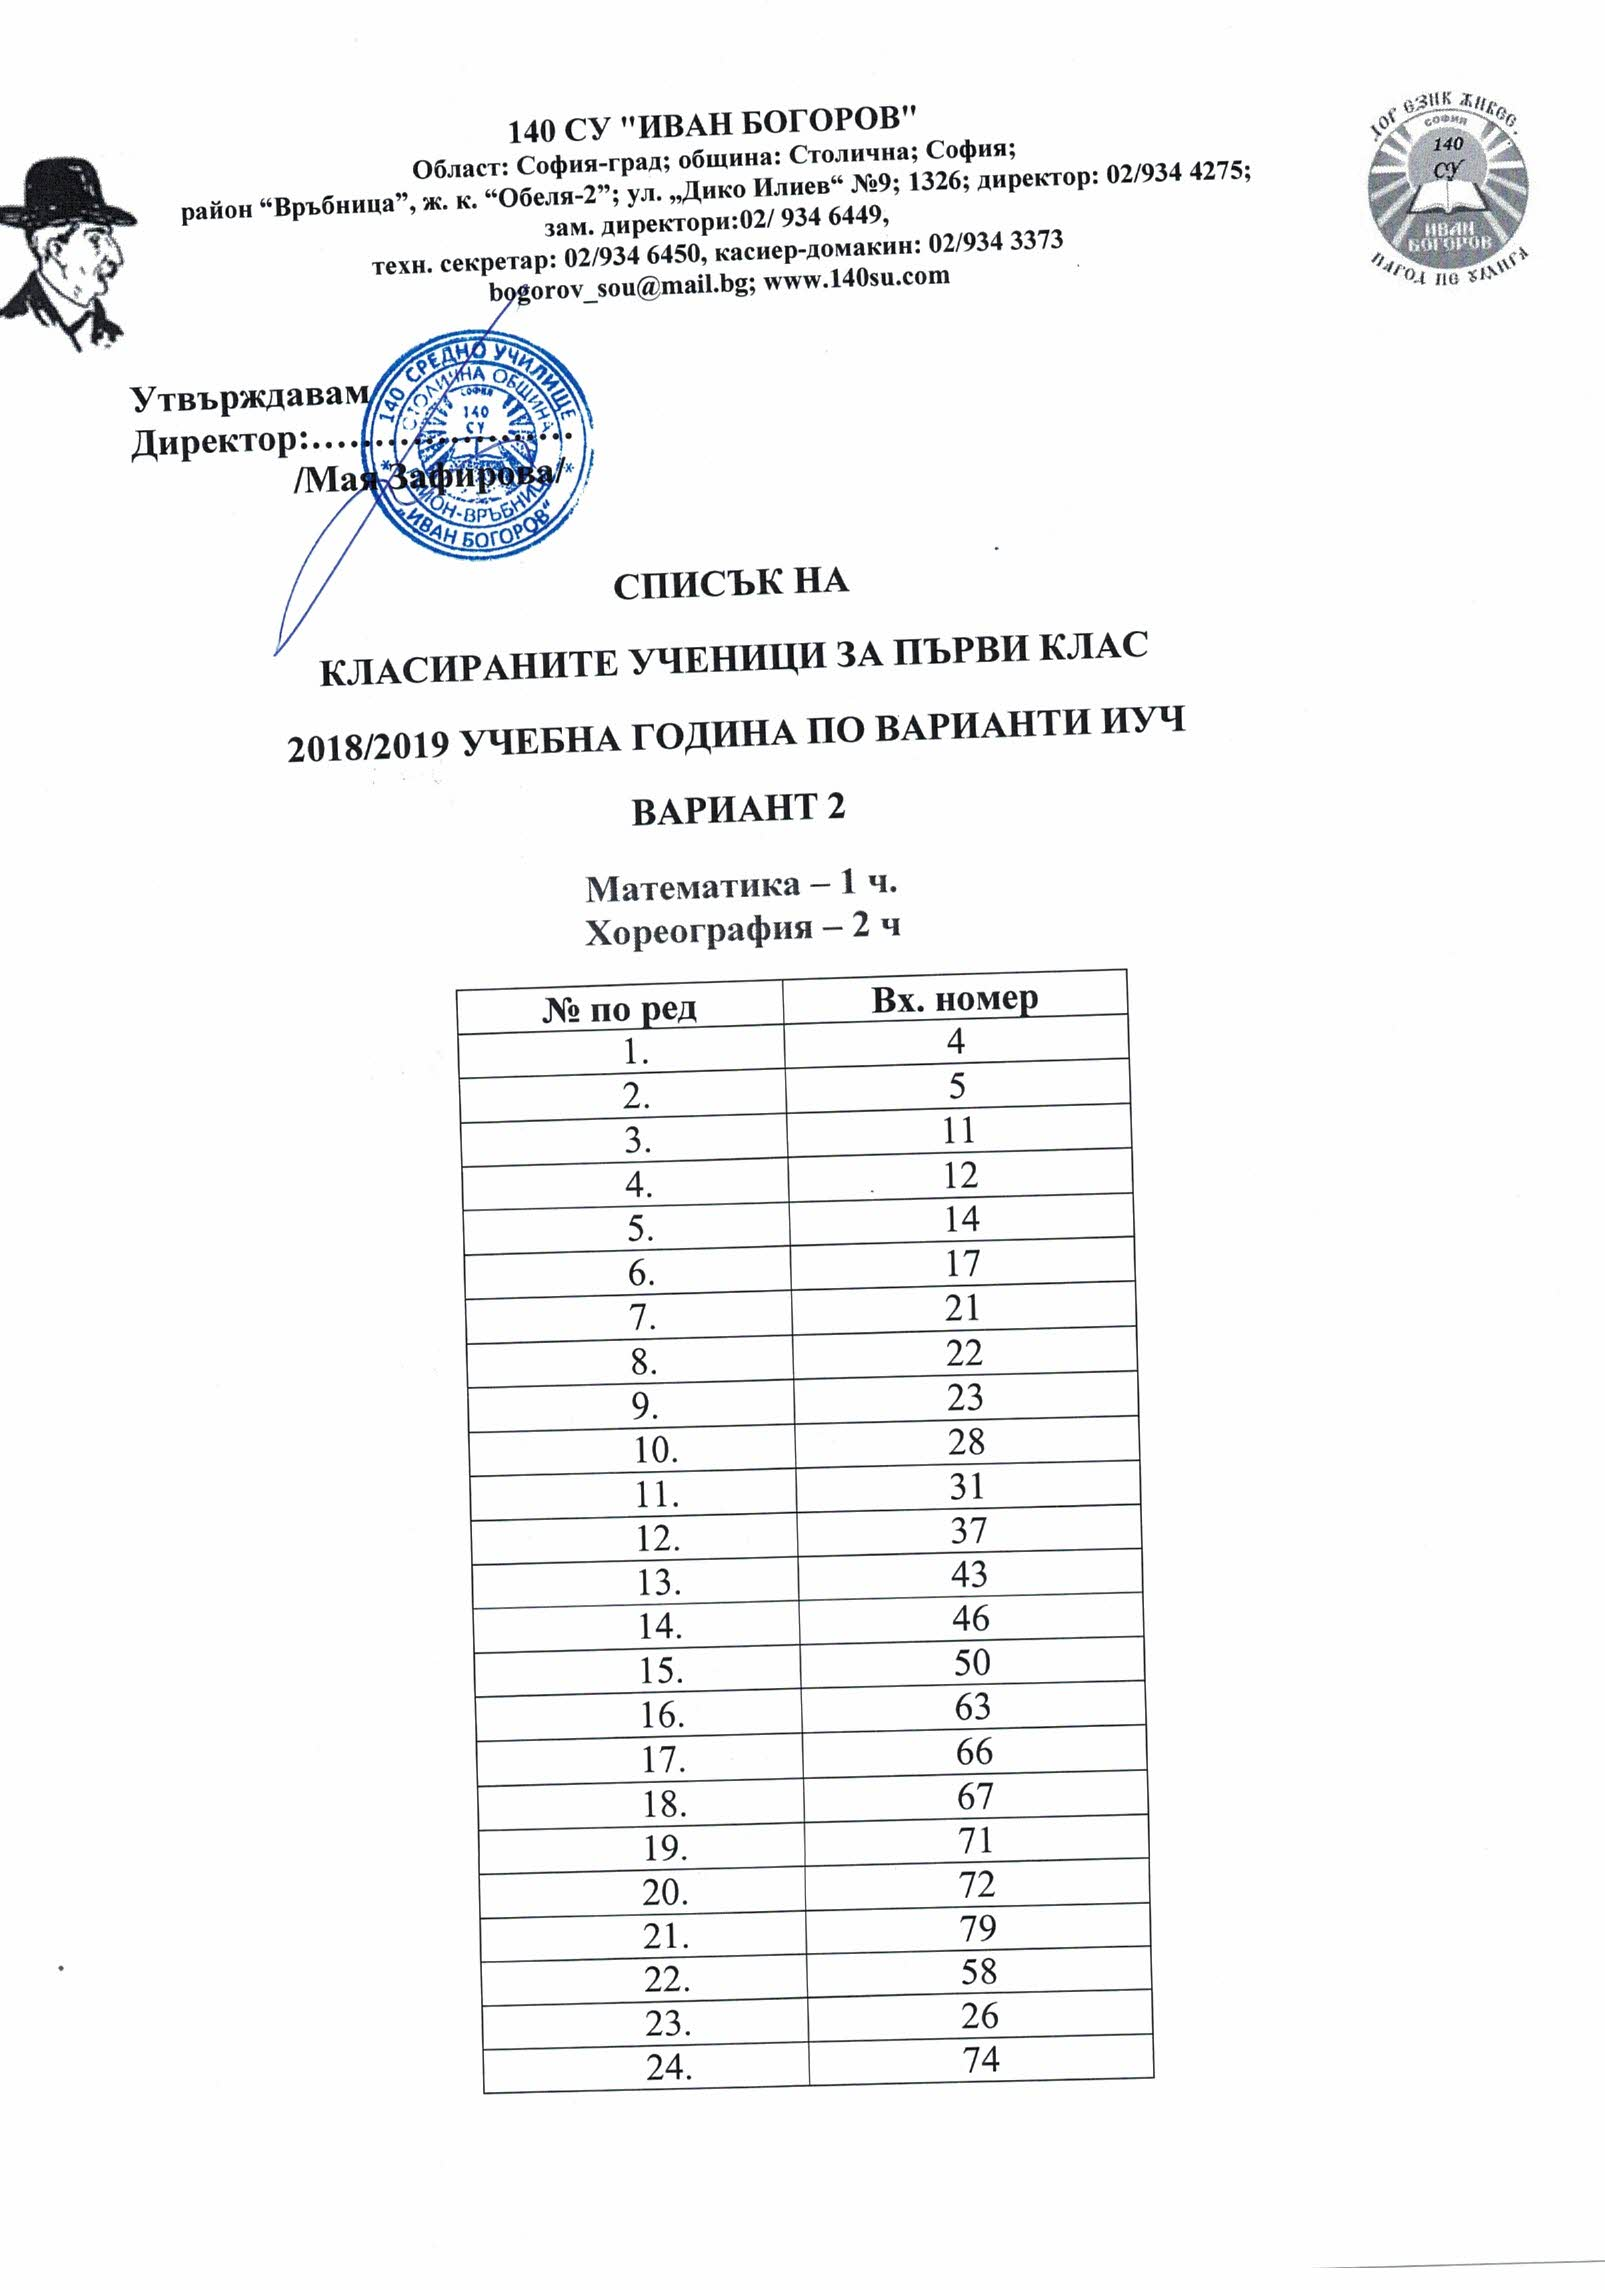 Свободни места за 1 клас към 08.06.2018г.